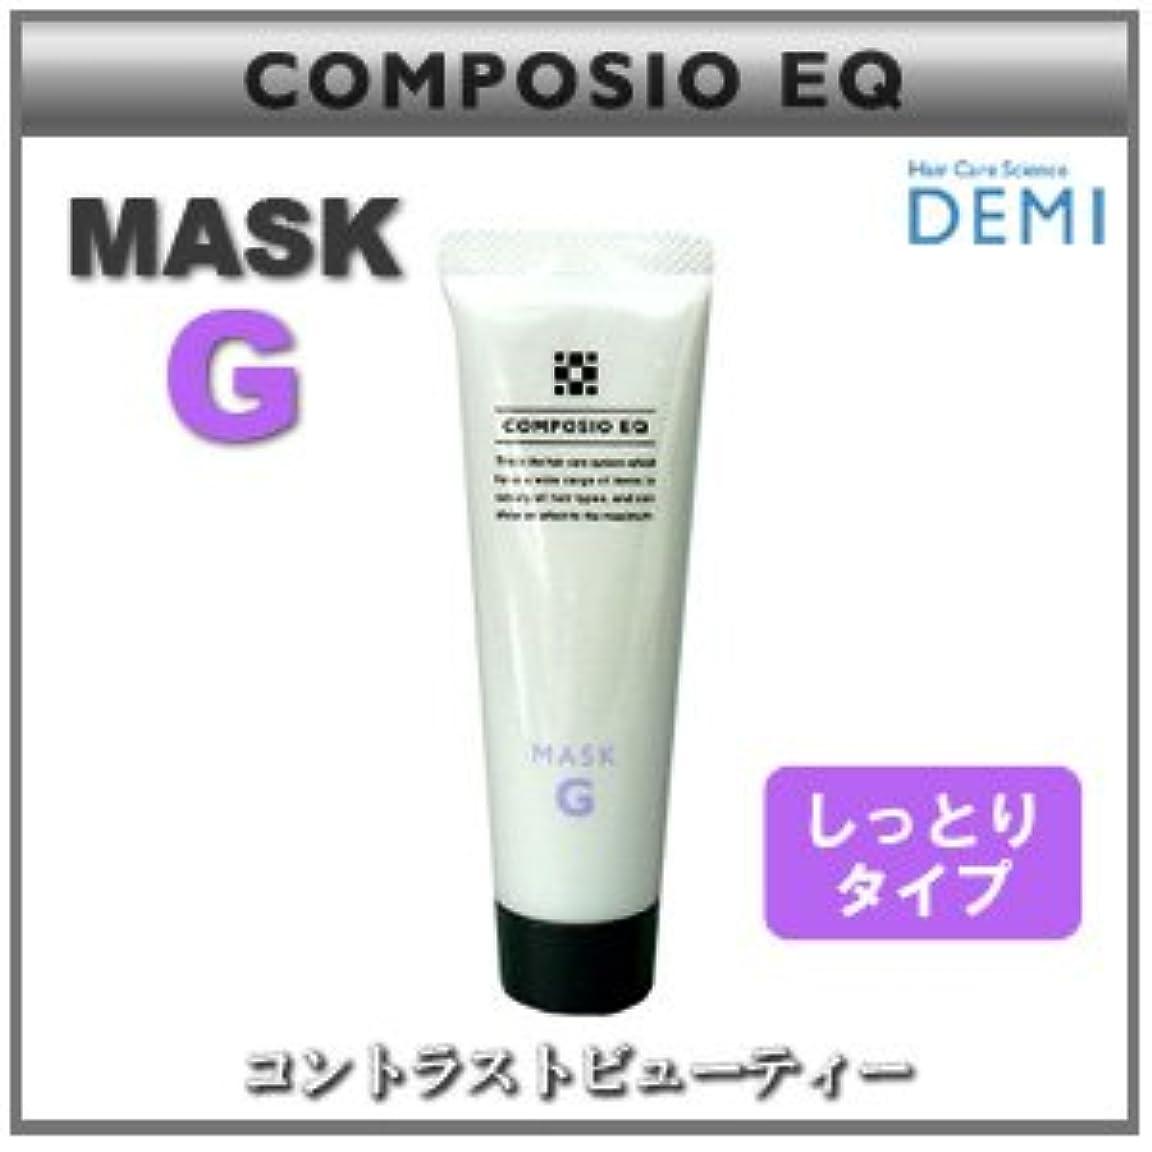 相対サイズベーカリー副産物【X5個セット】 デミ コンポジオ EQ マスク G 50g